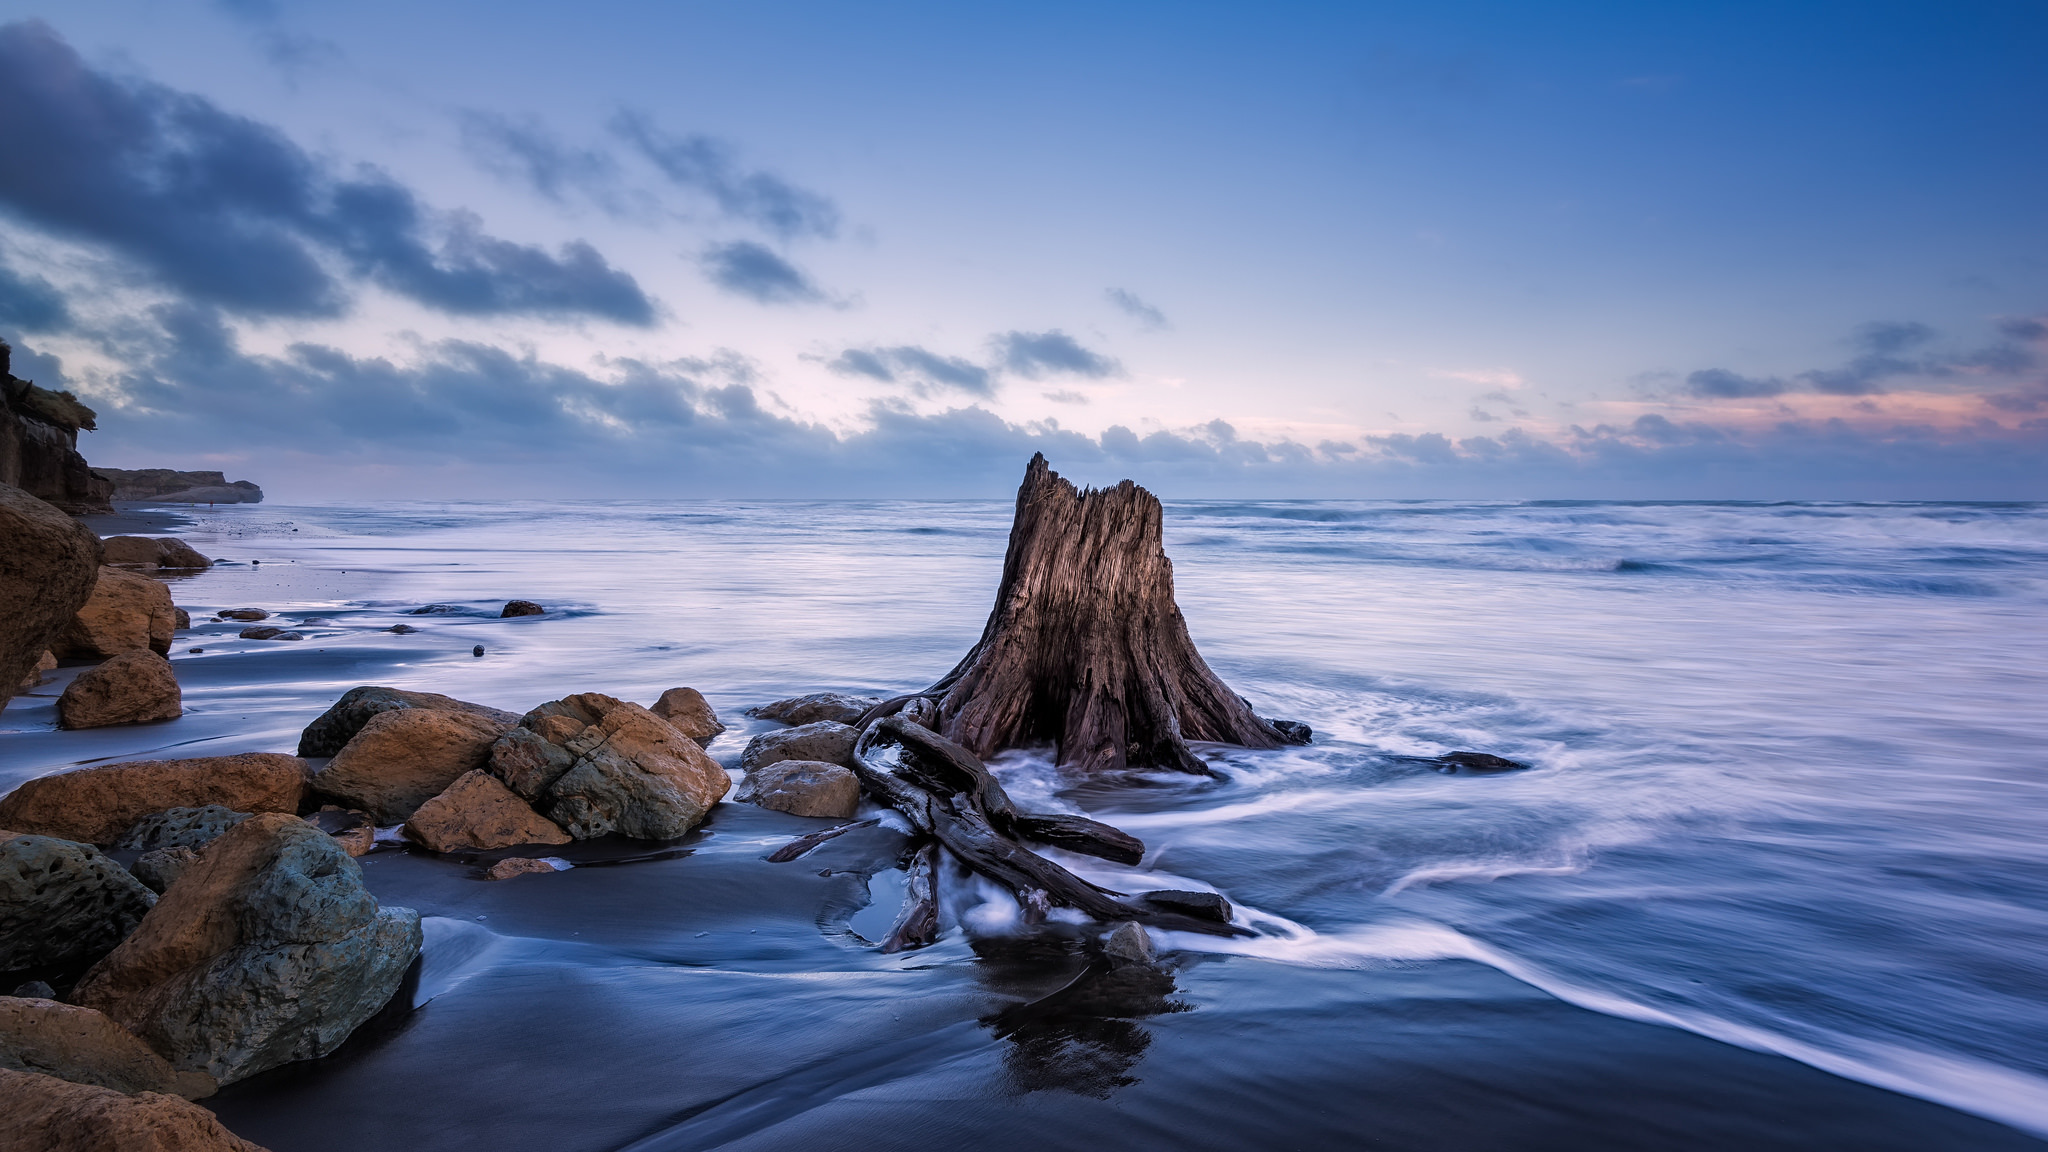 природа море скалы камни облака nature sea rock stones clouds без смс